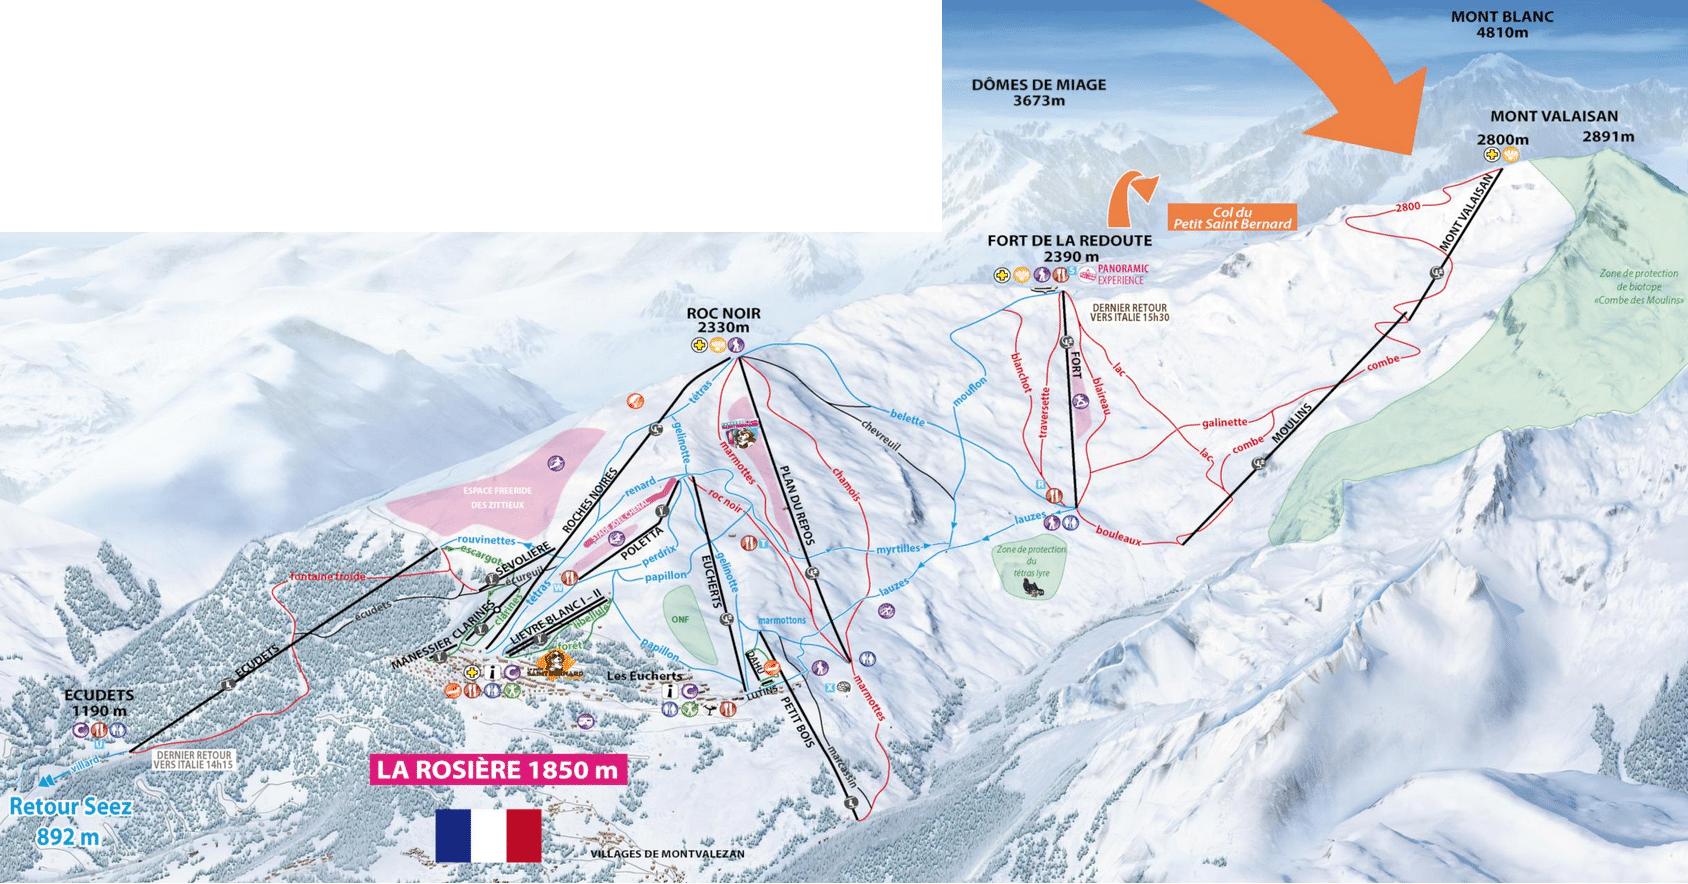 La Rosière 1850 - Plan des pistes de ski